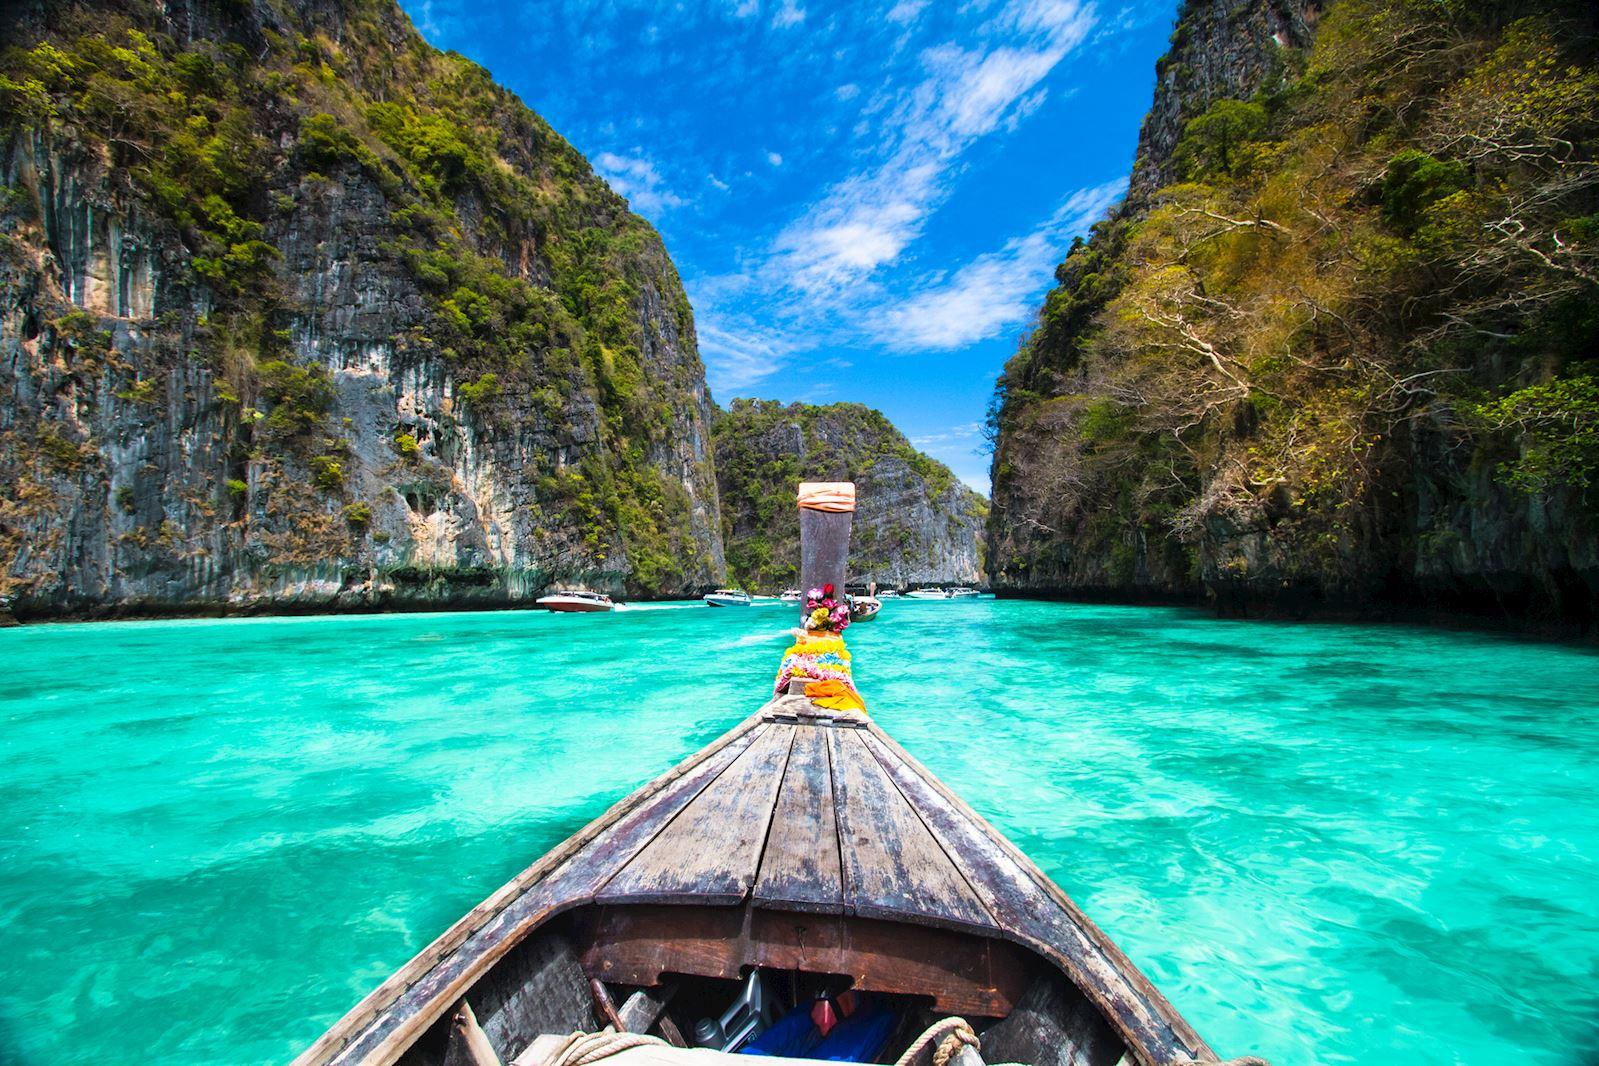 חוף הים בתאילנד